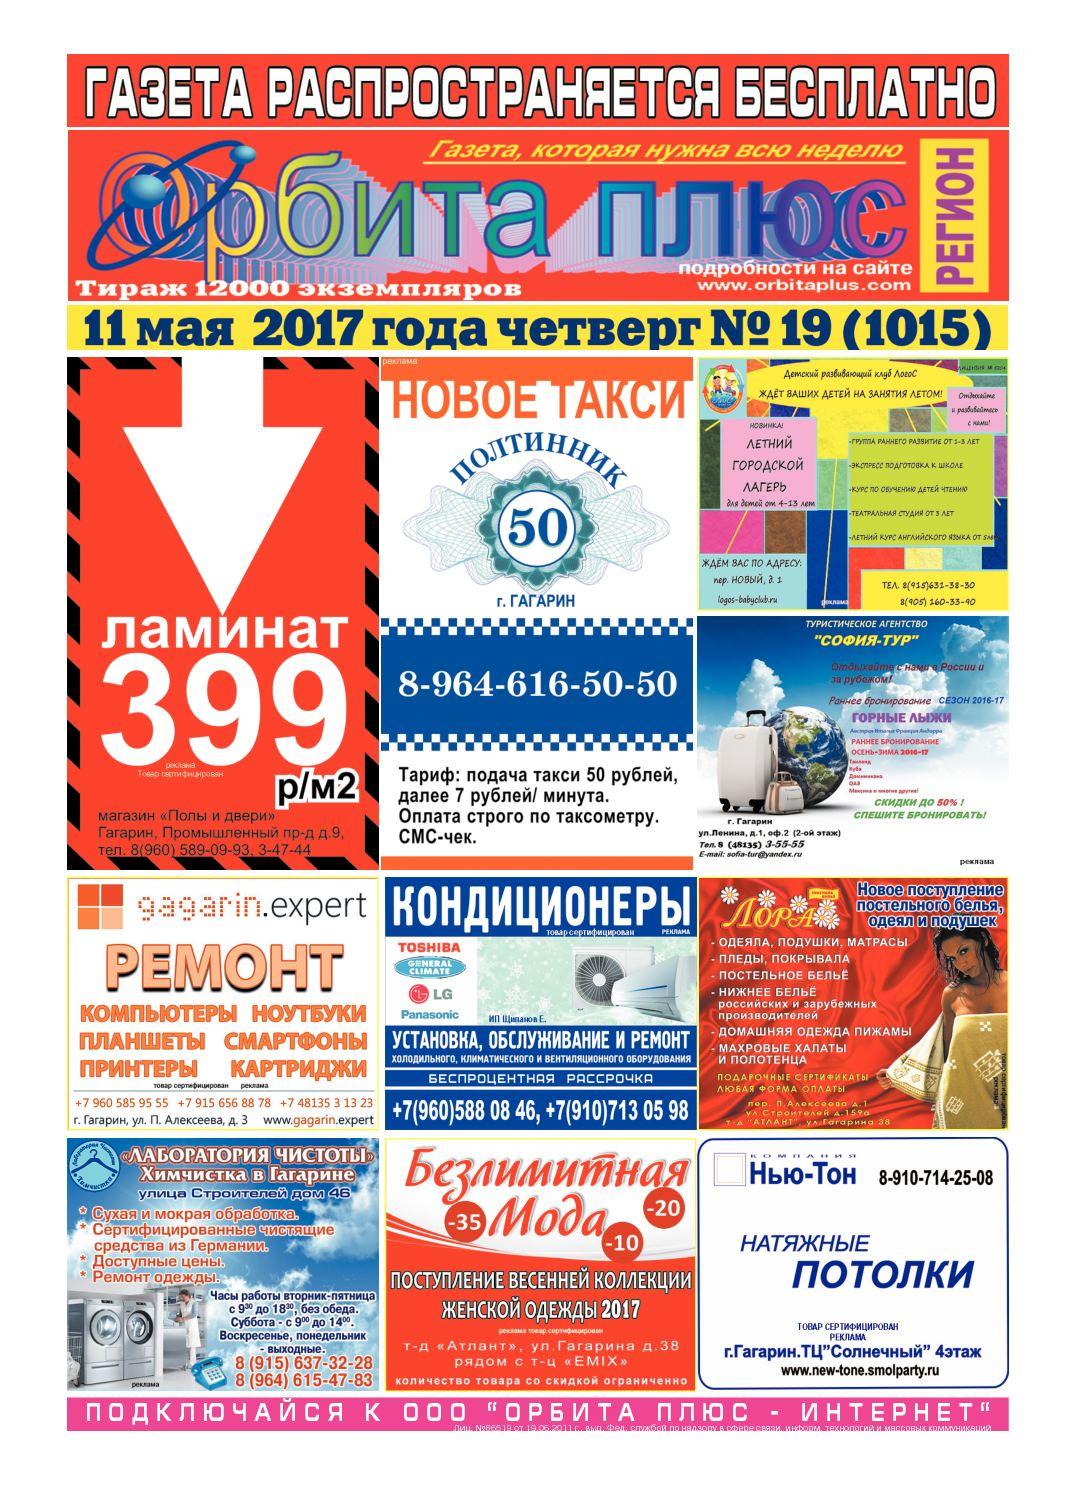 Orbita_Gazeta_1105